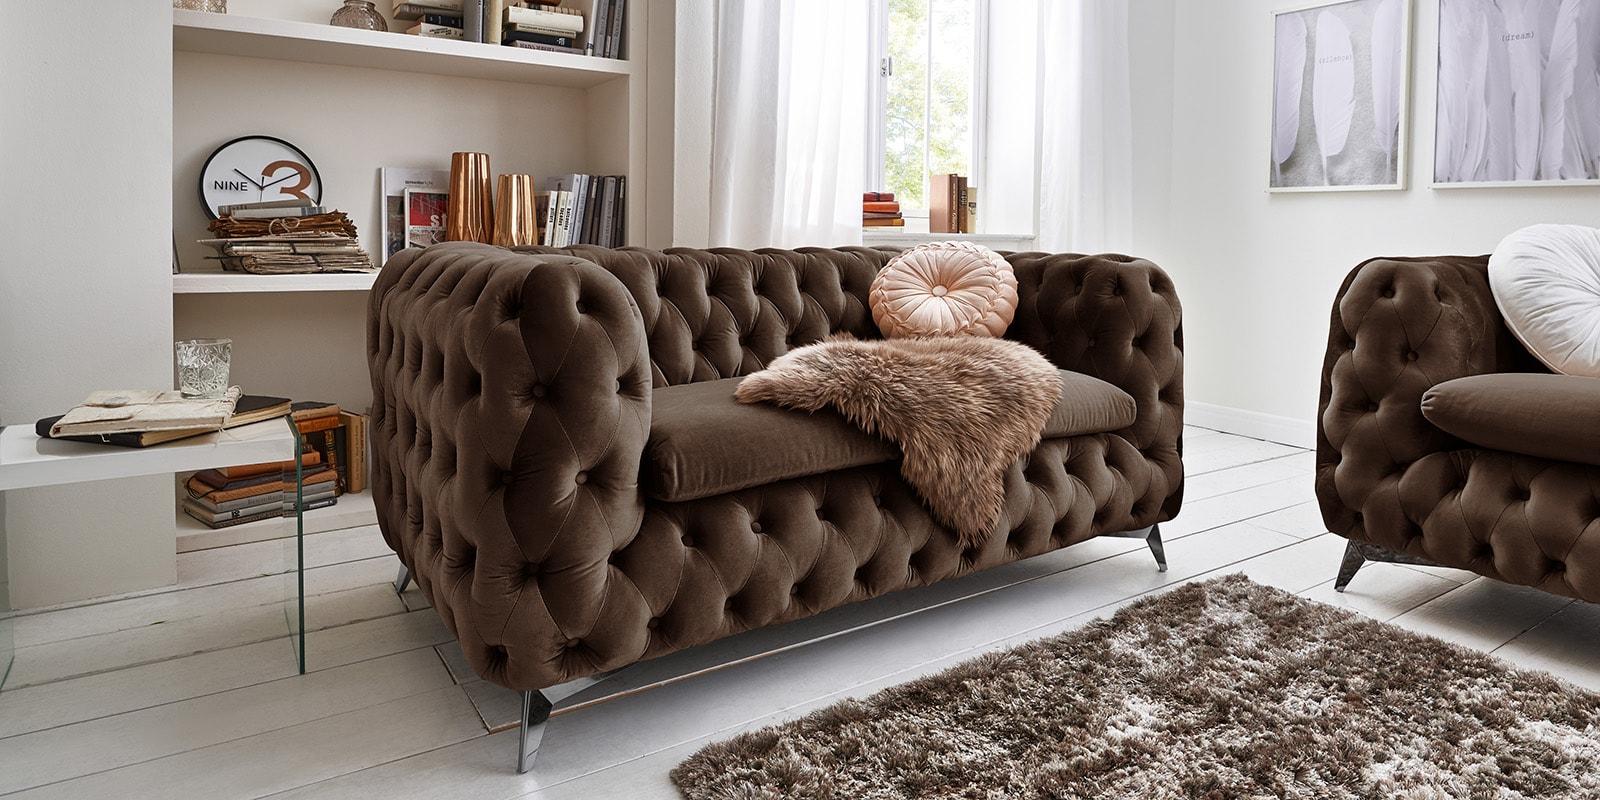 Full Size of Indomo Sofa Leder Xxl Günstig Gelb Koinor 3 2 1 Sitzer Sofort Lieferbar Xora Modernes Esstisch Konfigurator Polsterreiniger Garnitur Teilig Big Grau Sofa Indomo Sofa